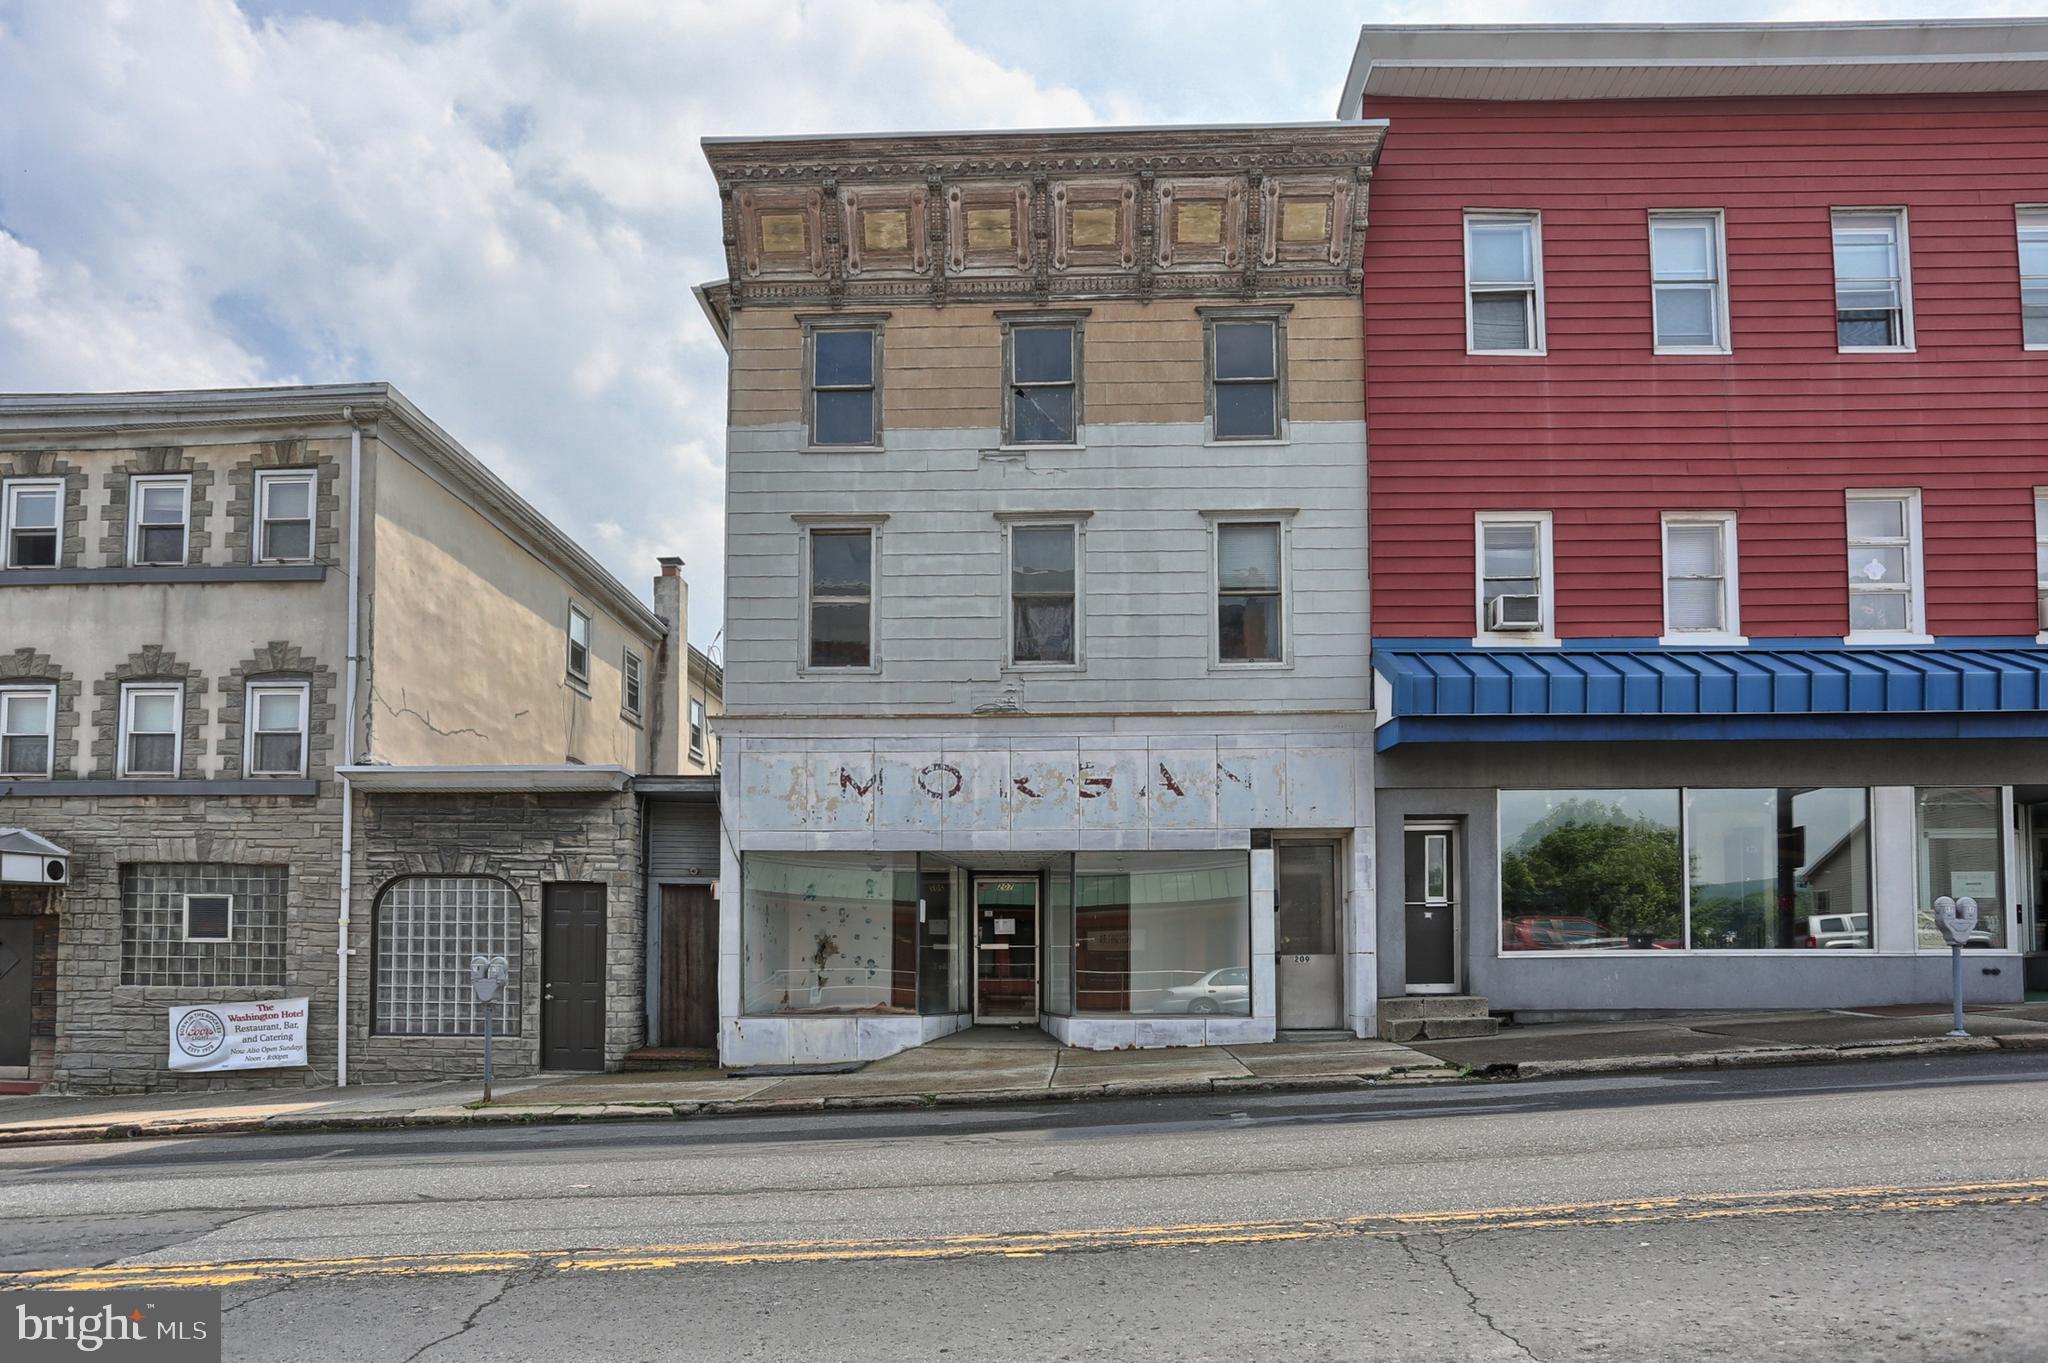 207 SUNBURY STREET, MINERSVILLE, PA 17954